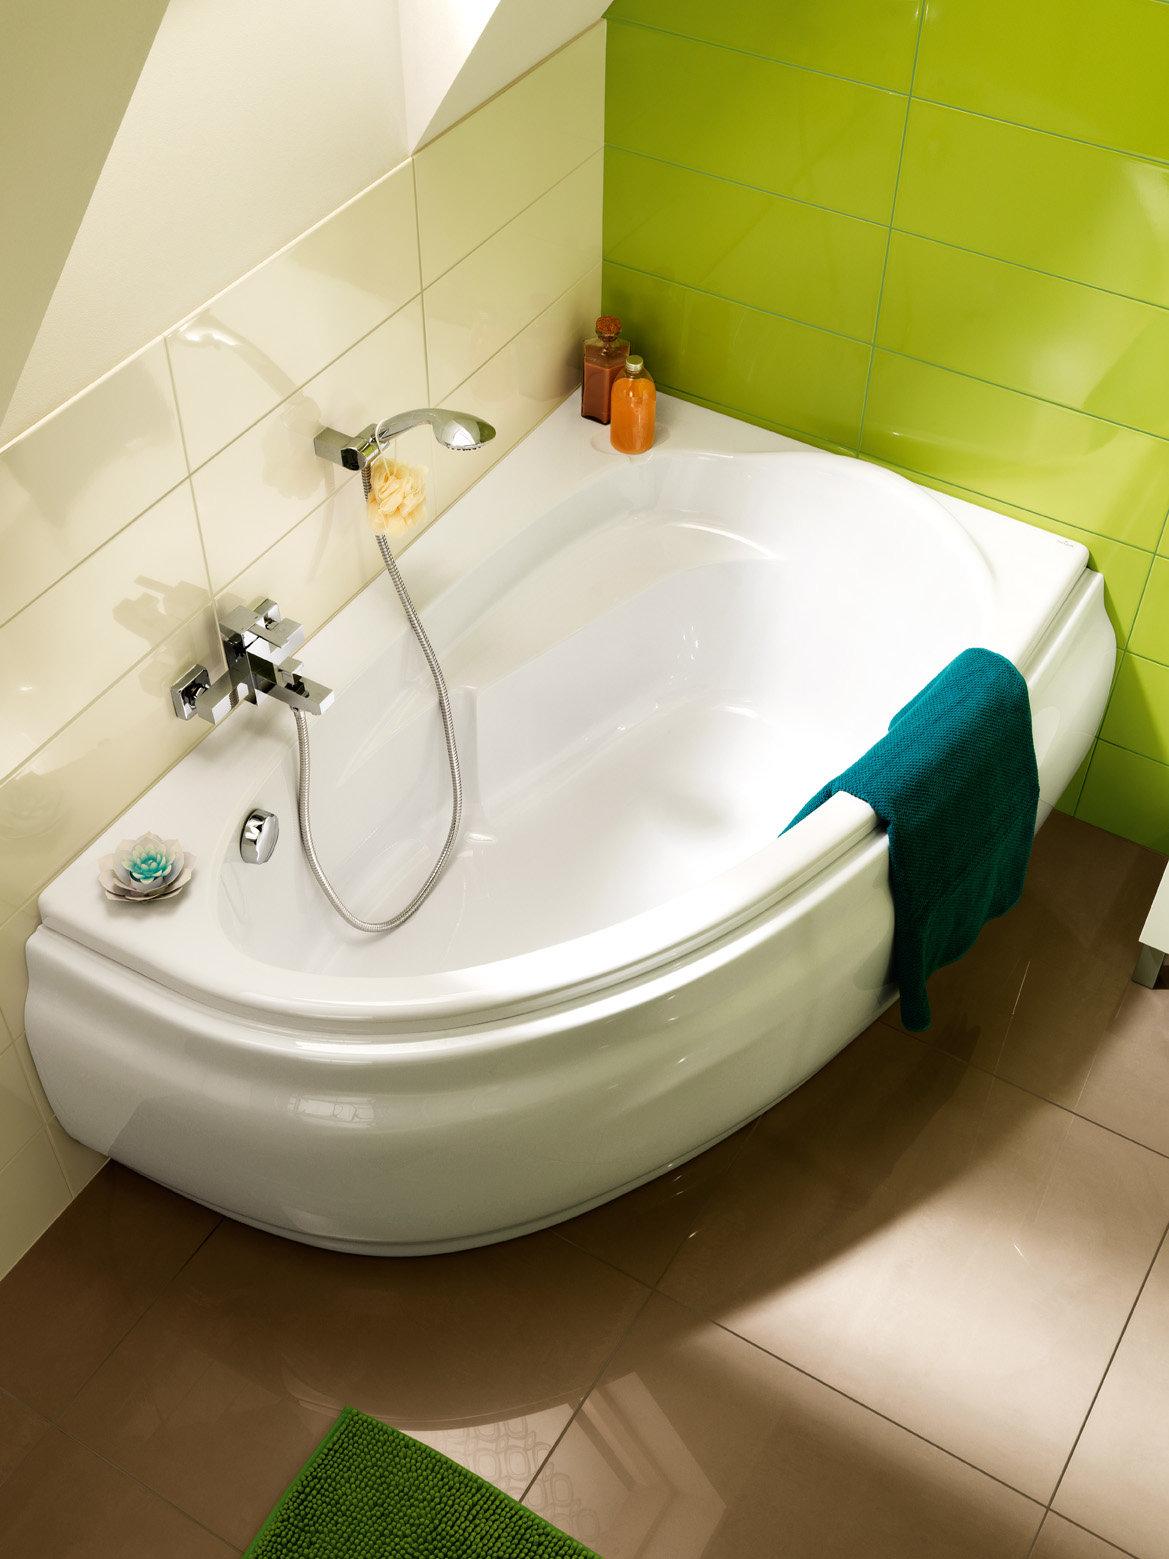 купить ванну в туле